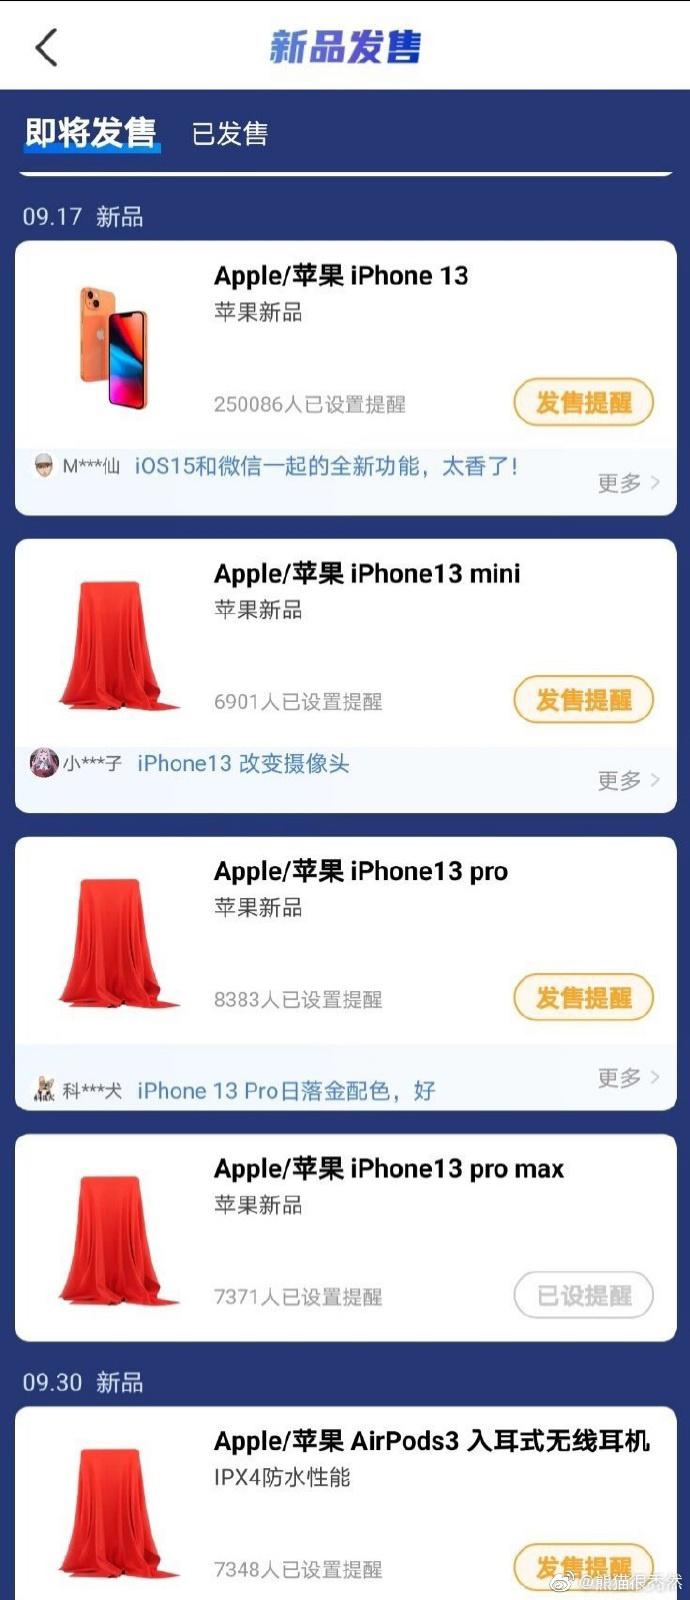 iPhone 13 AirPods 3 Possible Date Publication Apple publierait les iPhone 13 le 17 septembre et les AirPods 3 le 30 septembre